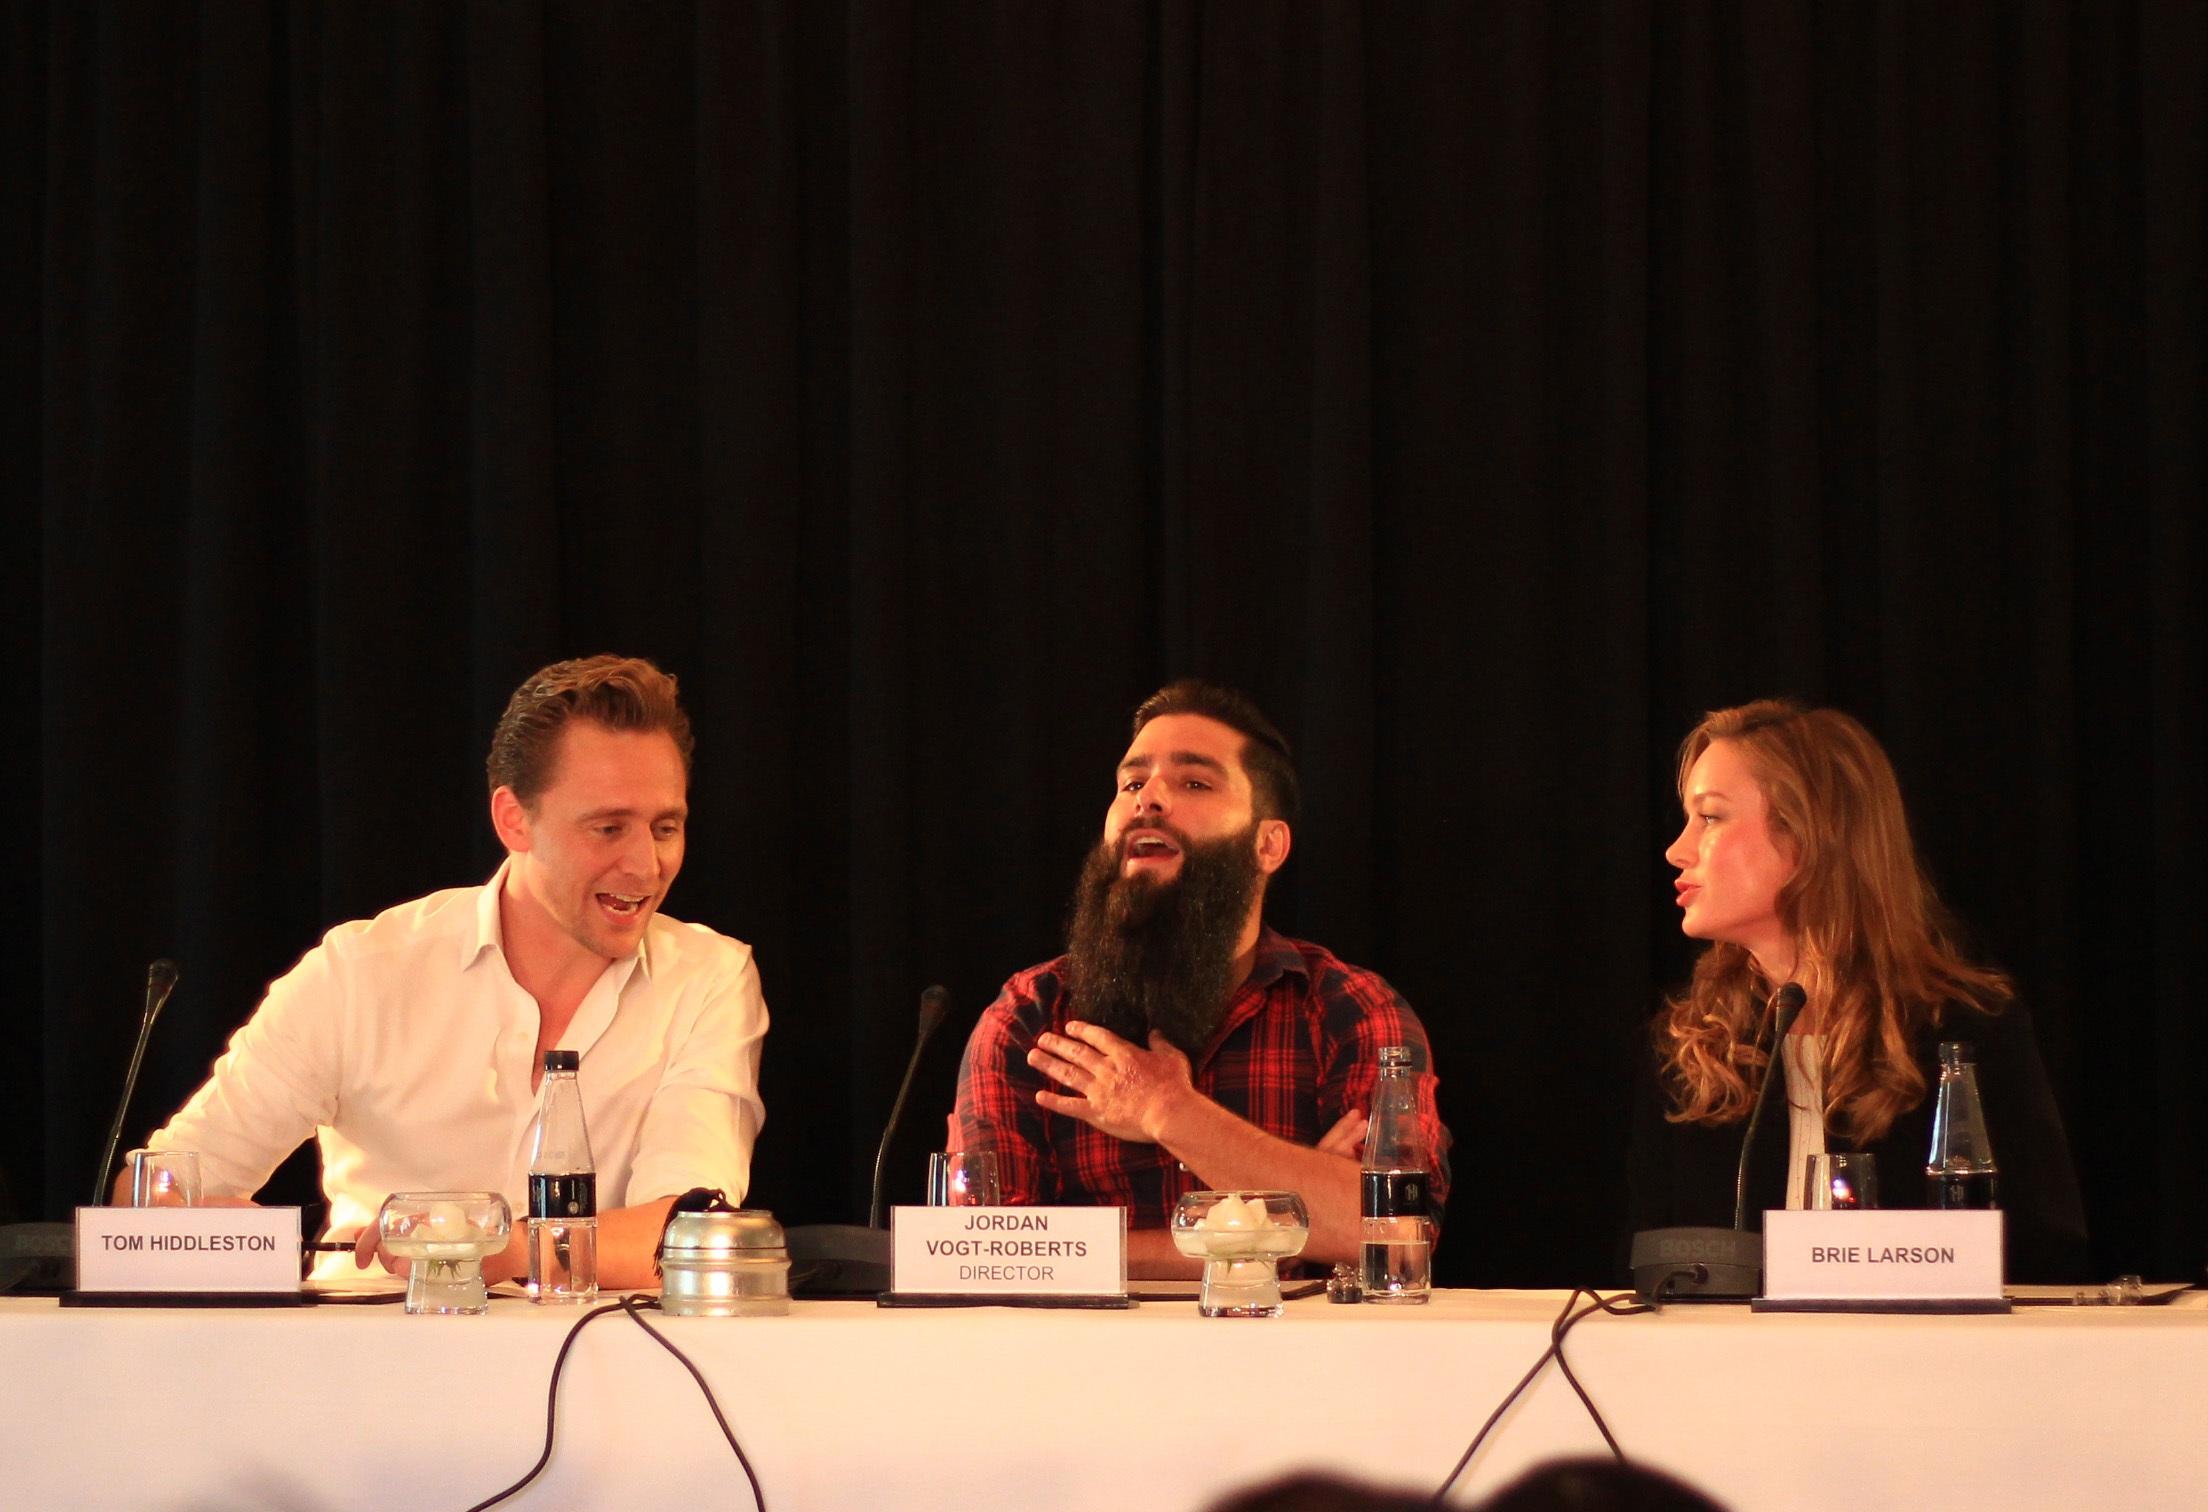 """Chia sẻ về vai diễn trong phim """"Kong: Skull Island"""", Tom Hiddleston cho biết: """"Tôi rất hứng thú khi tham gia bộ phim. Tôi luôn muốn được đóng những nhân vật khác nhau. Tôi sẽ cố gắng hoàn thành tốt vai diễn này. Đây là một vai chính diện, khác với những vai phản diện như trước đây""""."""